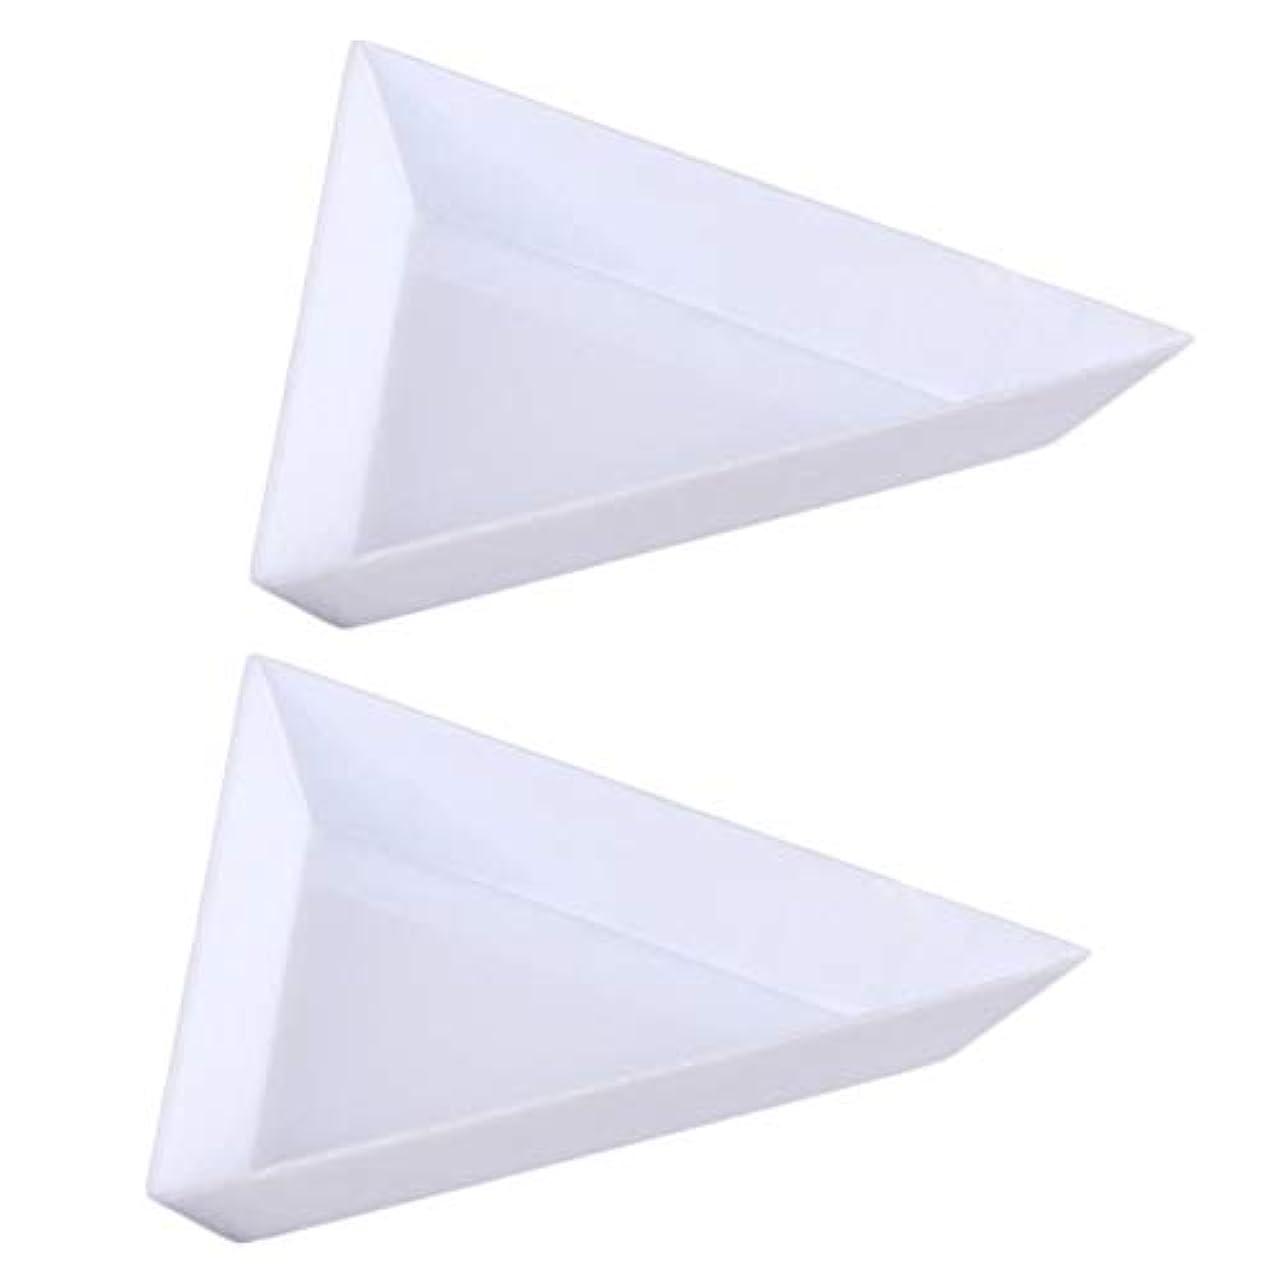 検証湿気の多い道徳教育Tamkyo 10個三角コーナープラスチックラインストーンビーズ 結晶 ネイルアートソーティングトレイアクセサリー白 DiyネイルアートデコレーションDotting収納トレイ オーガニゼーションに最適